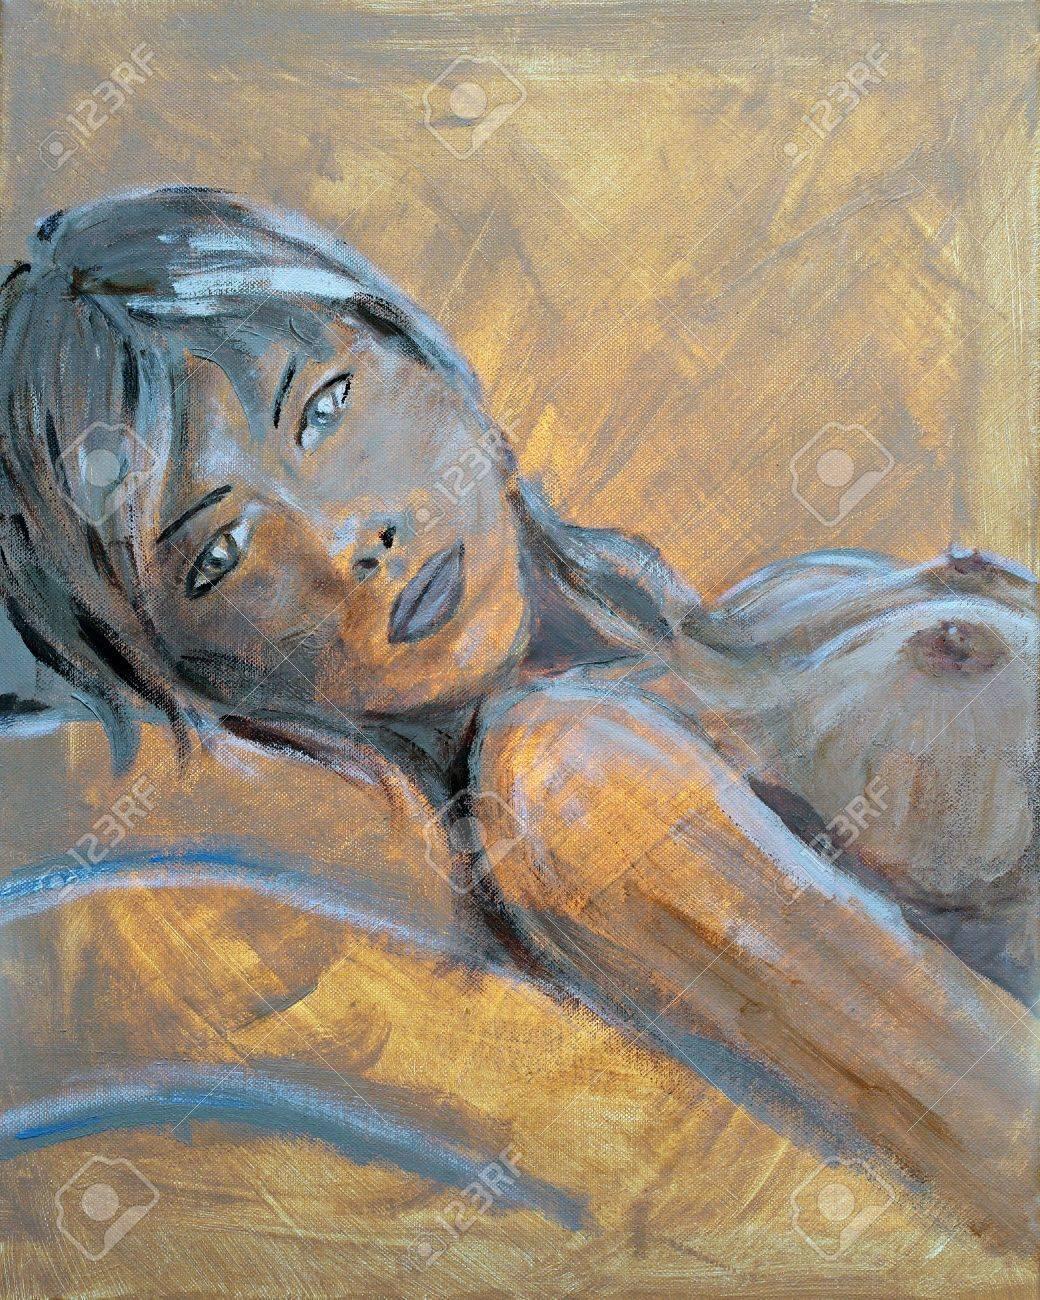 Pintura Al óleo Original De Una Mujer Desnuda En Posición Reclinada